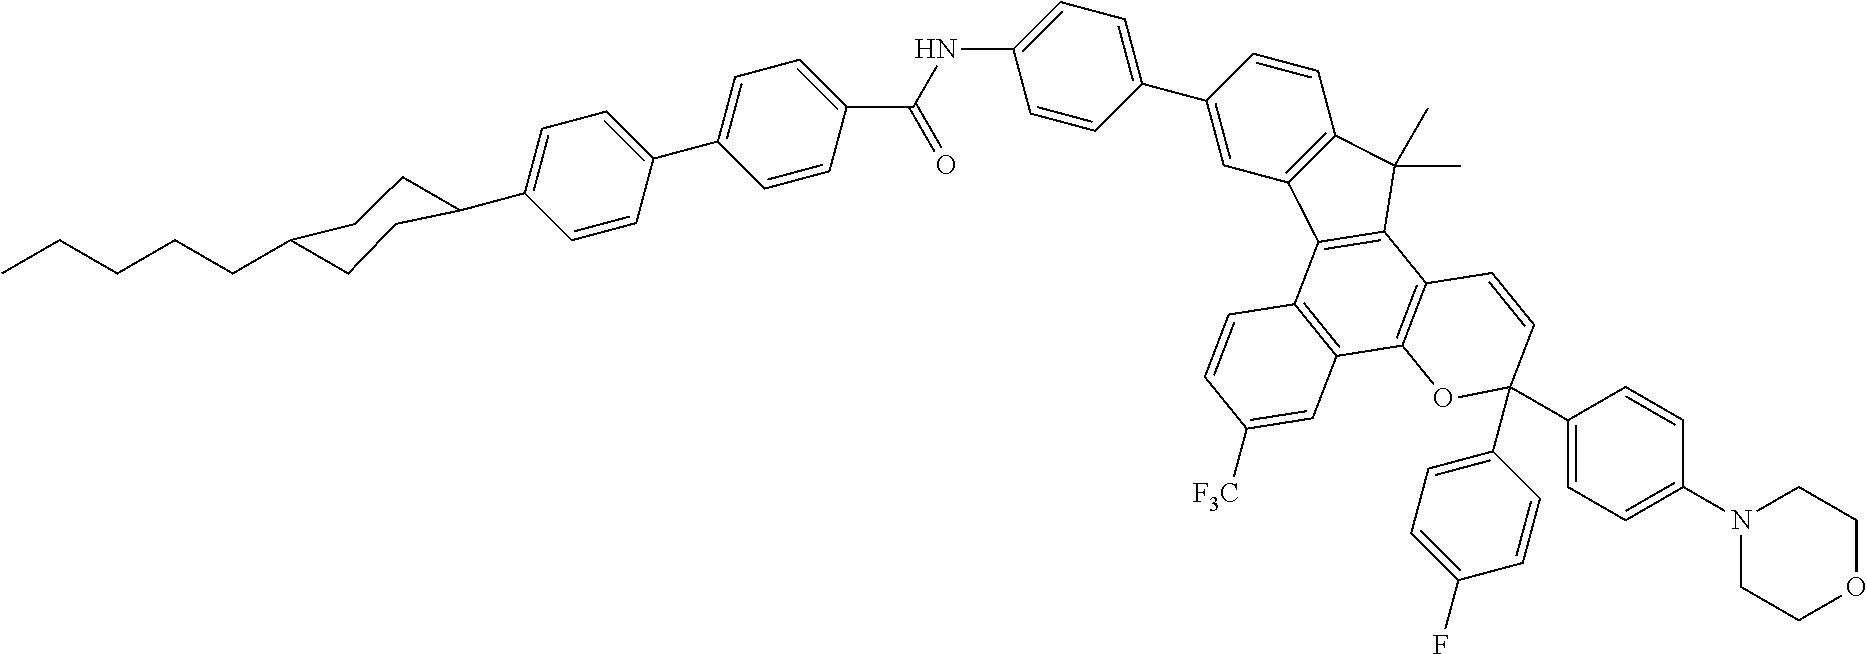 Figure US08545984-20131001-C00031